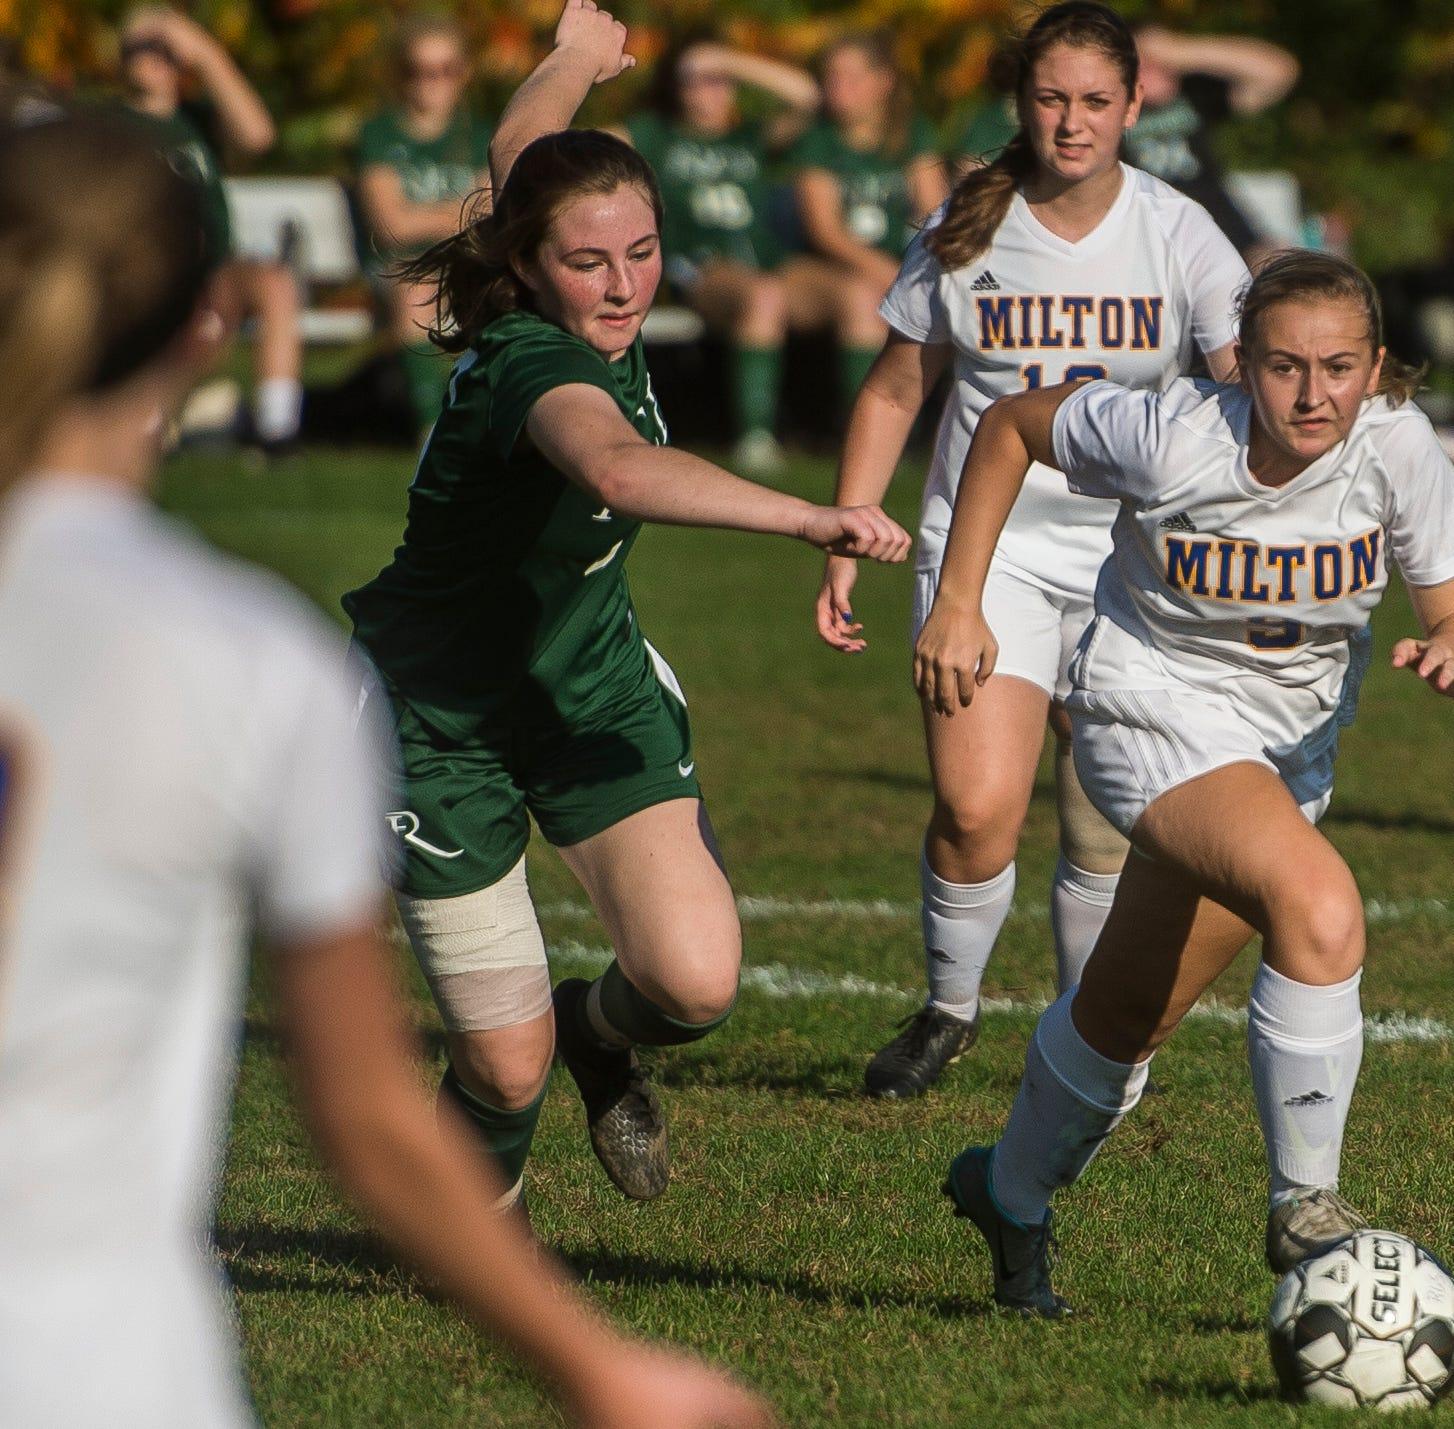 Vermont girls soccer: Varsity Insider Week 5 power rankings